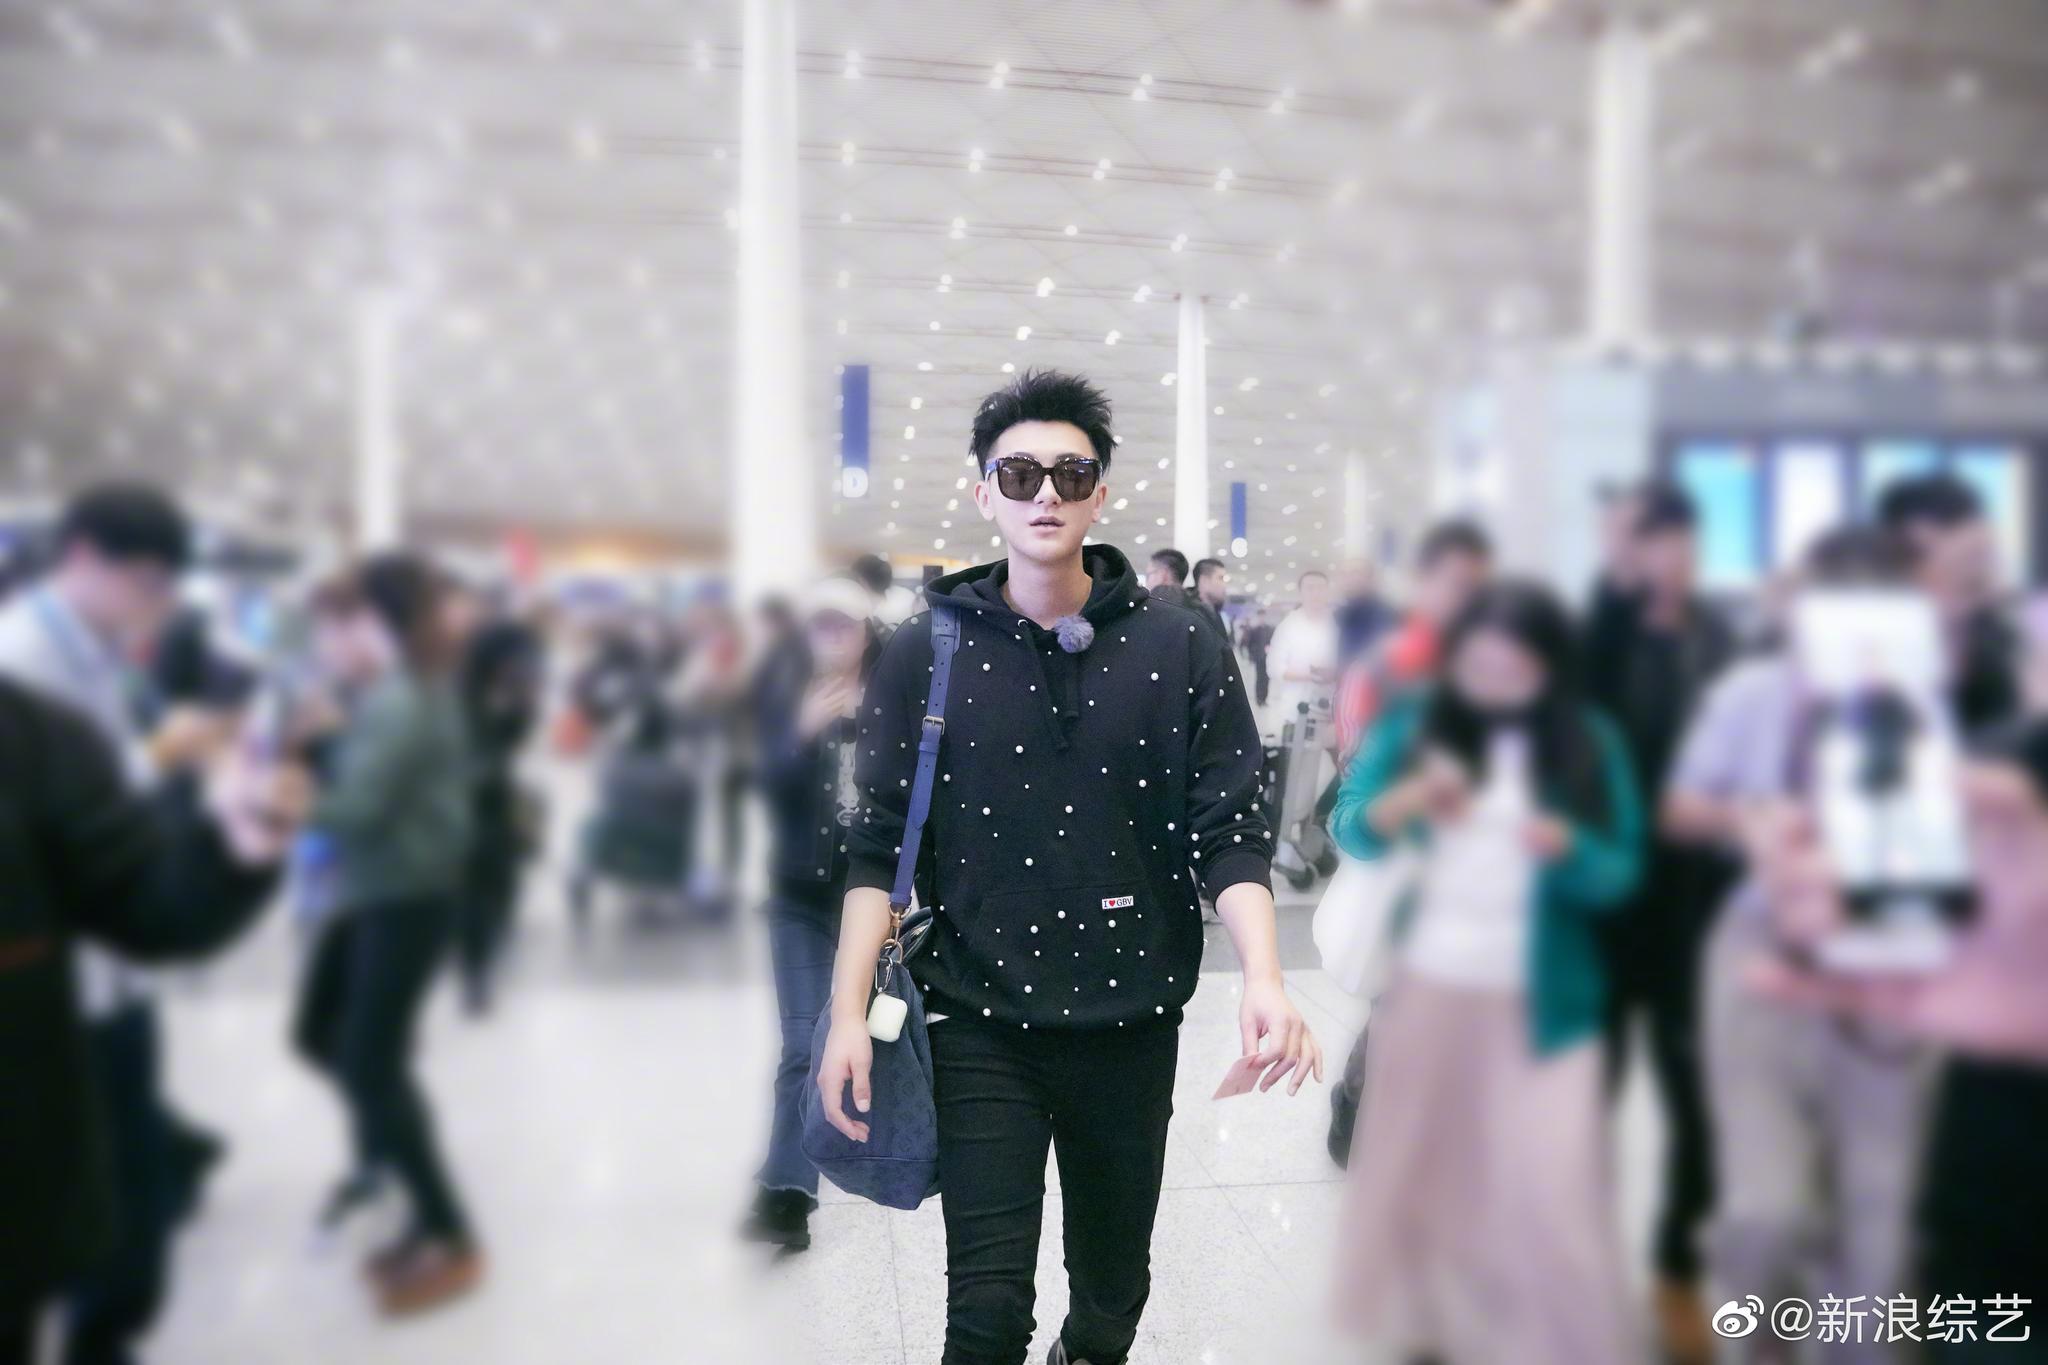 近日,@黄子韬的吴乾 戴着墨镜、身穿珍珠卫衣现身机场,时尚帅气